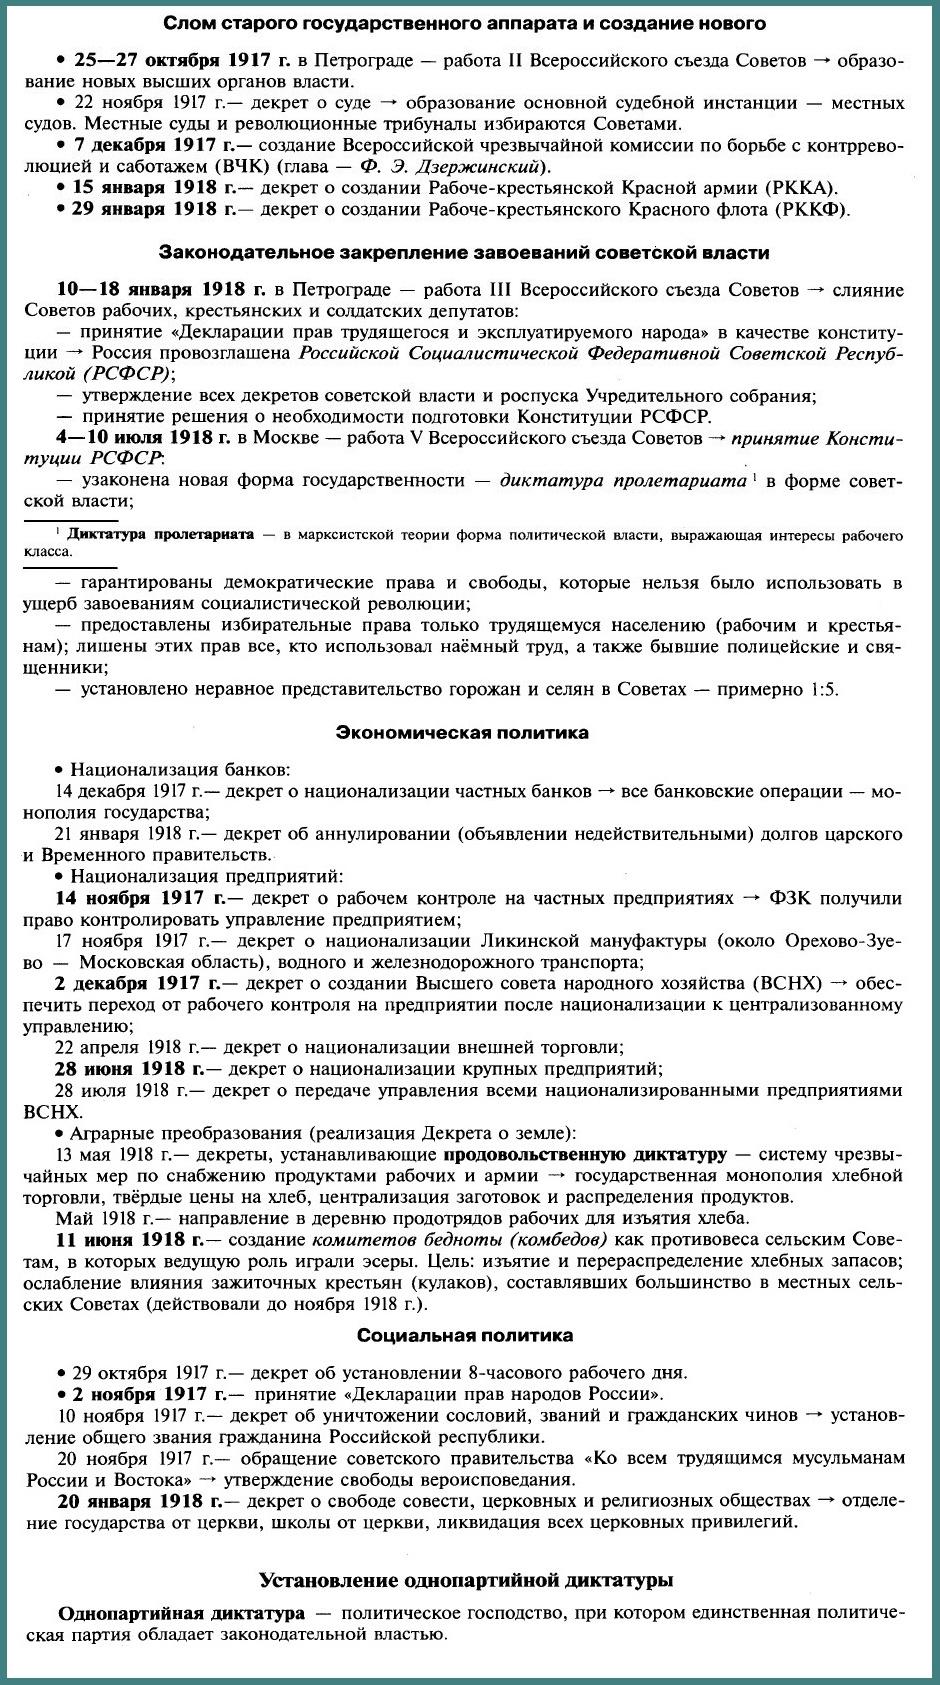 Политика большевиков и установление однопартийной диктатуры